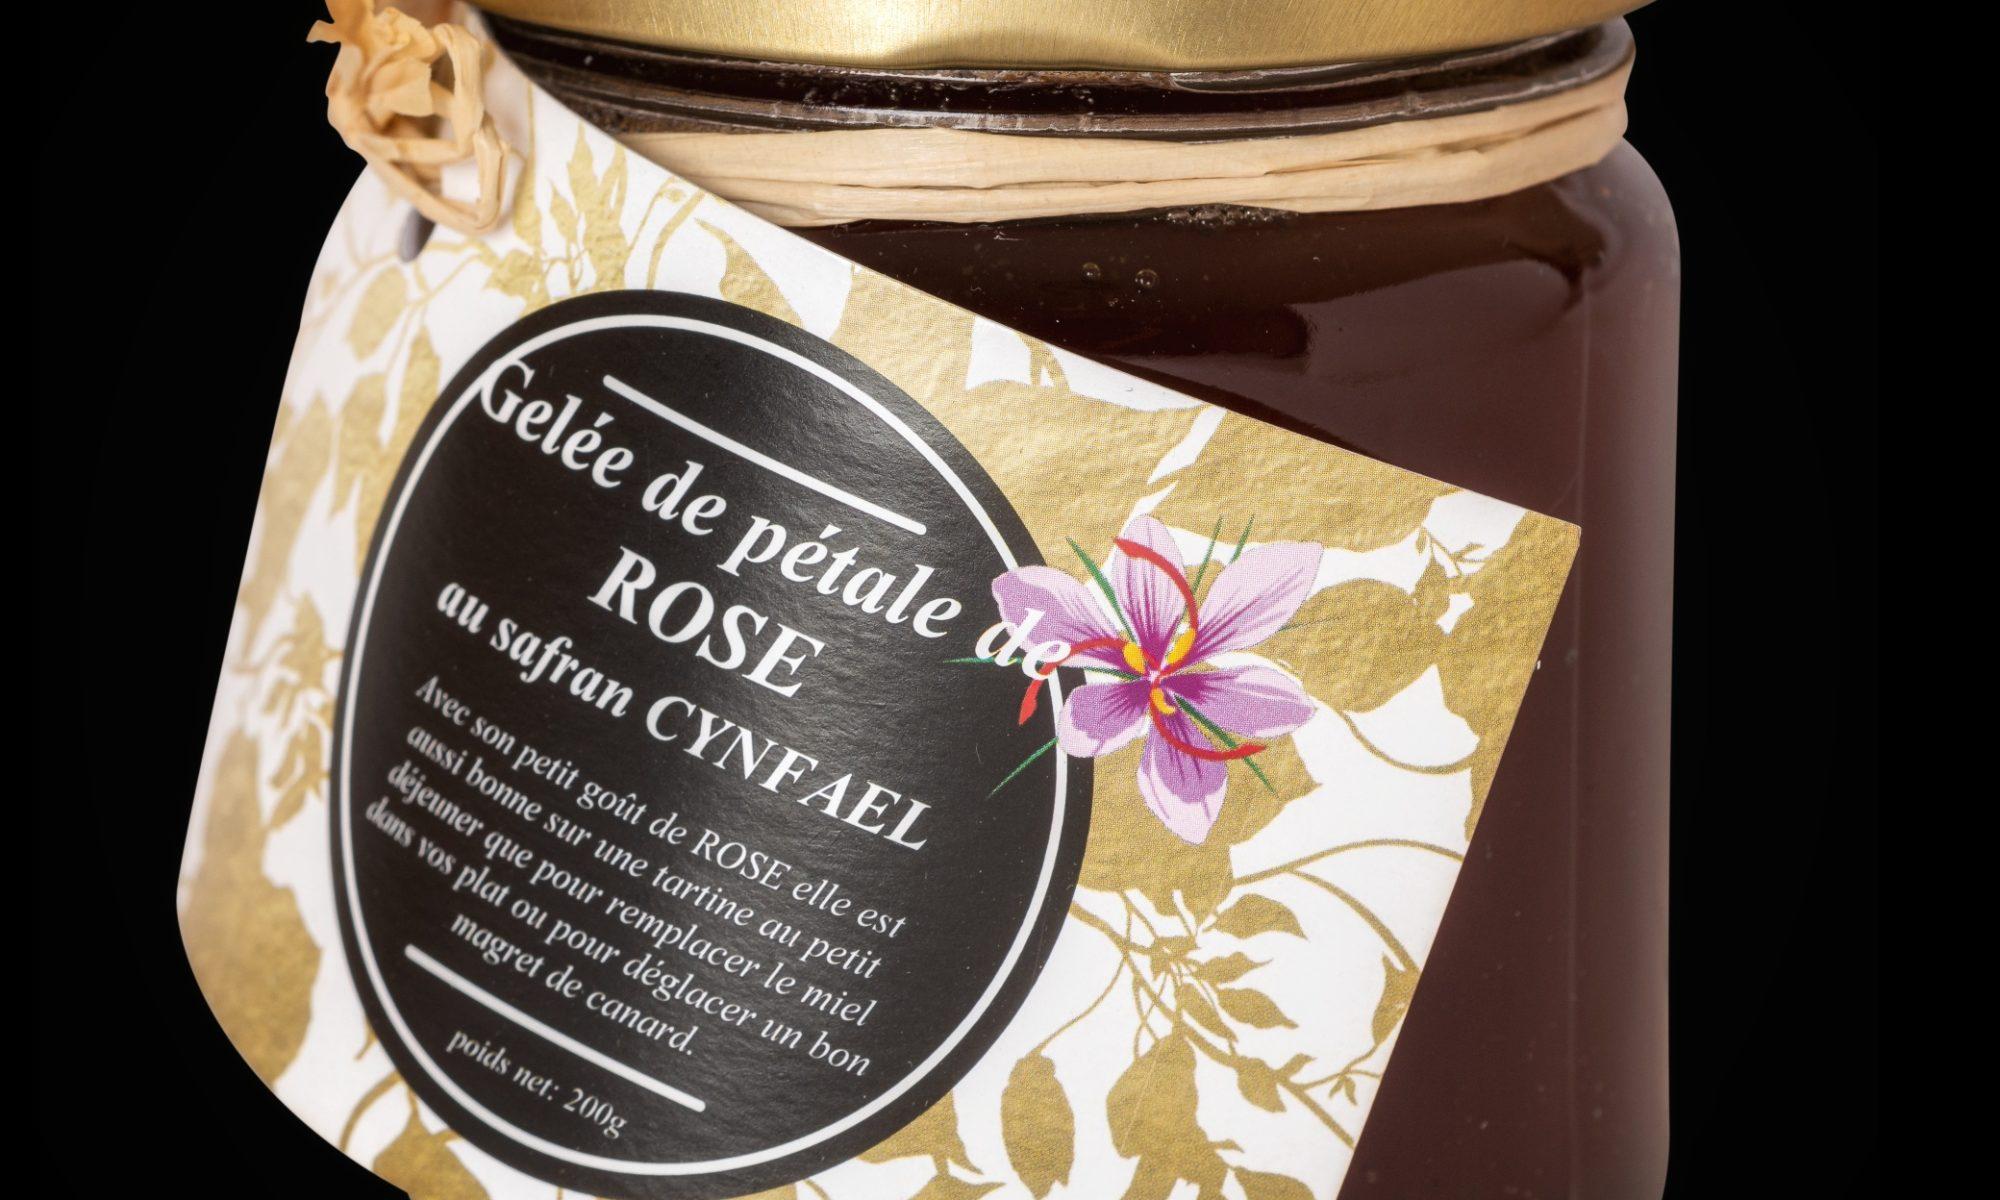 Gelée de pétales de rose au safran